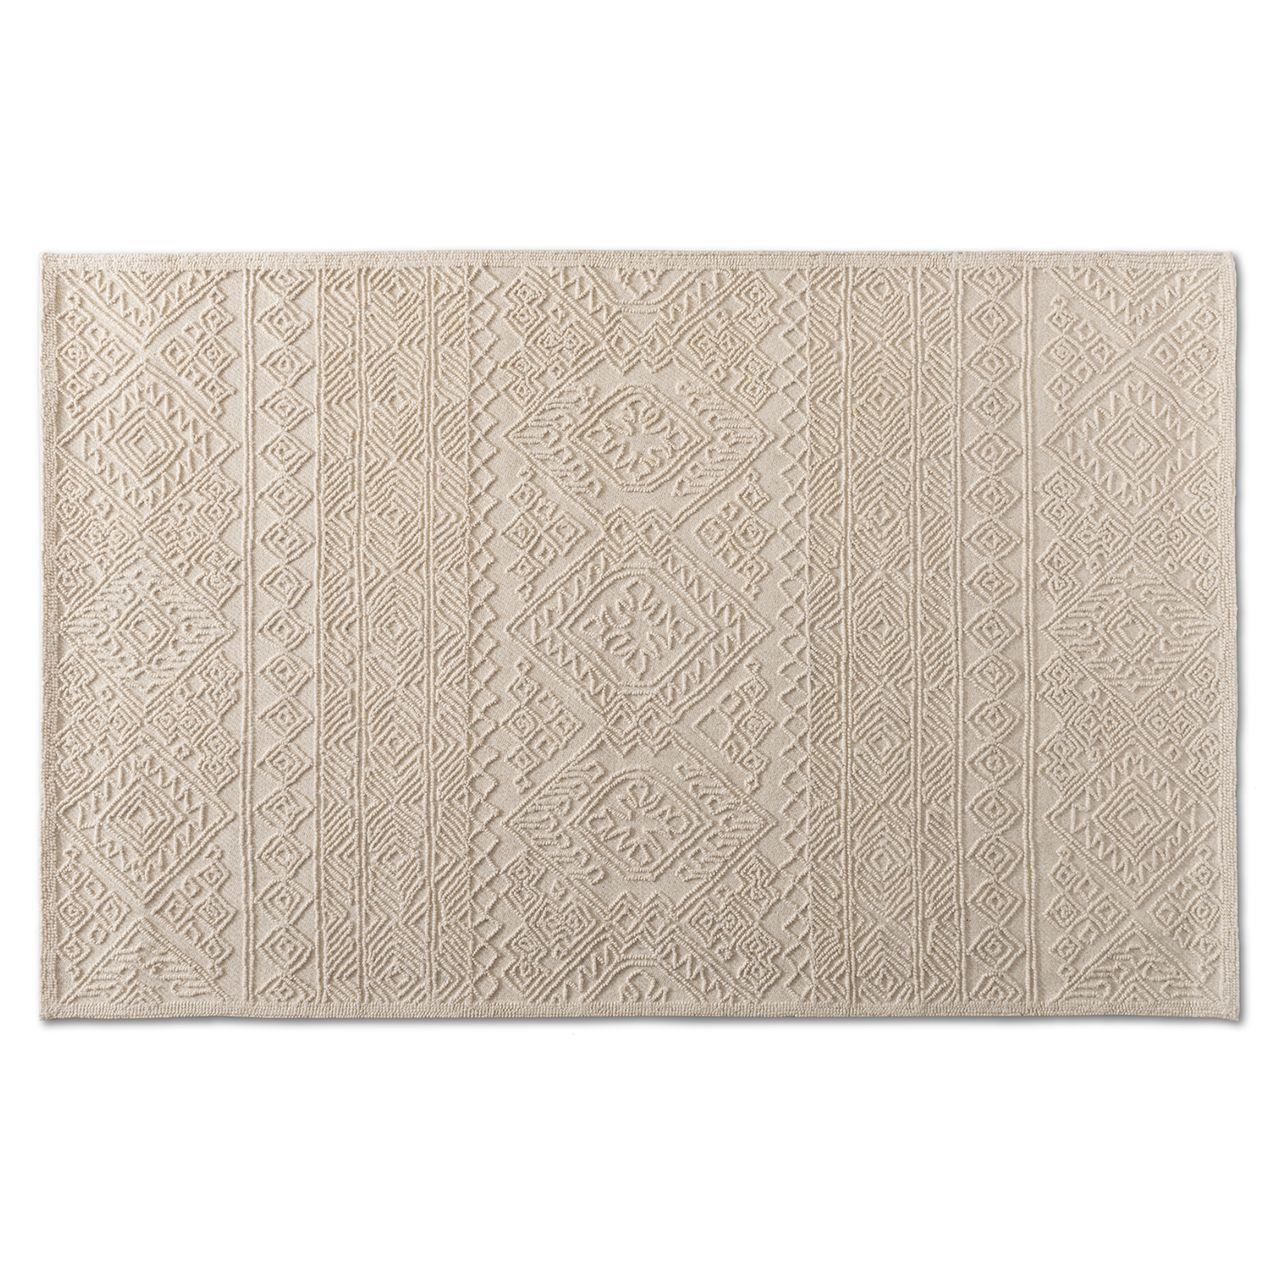 Baxton Studio Linwood Ivory Hand-Tufted Wool Area Rug